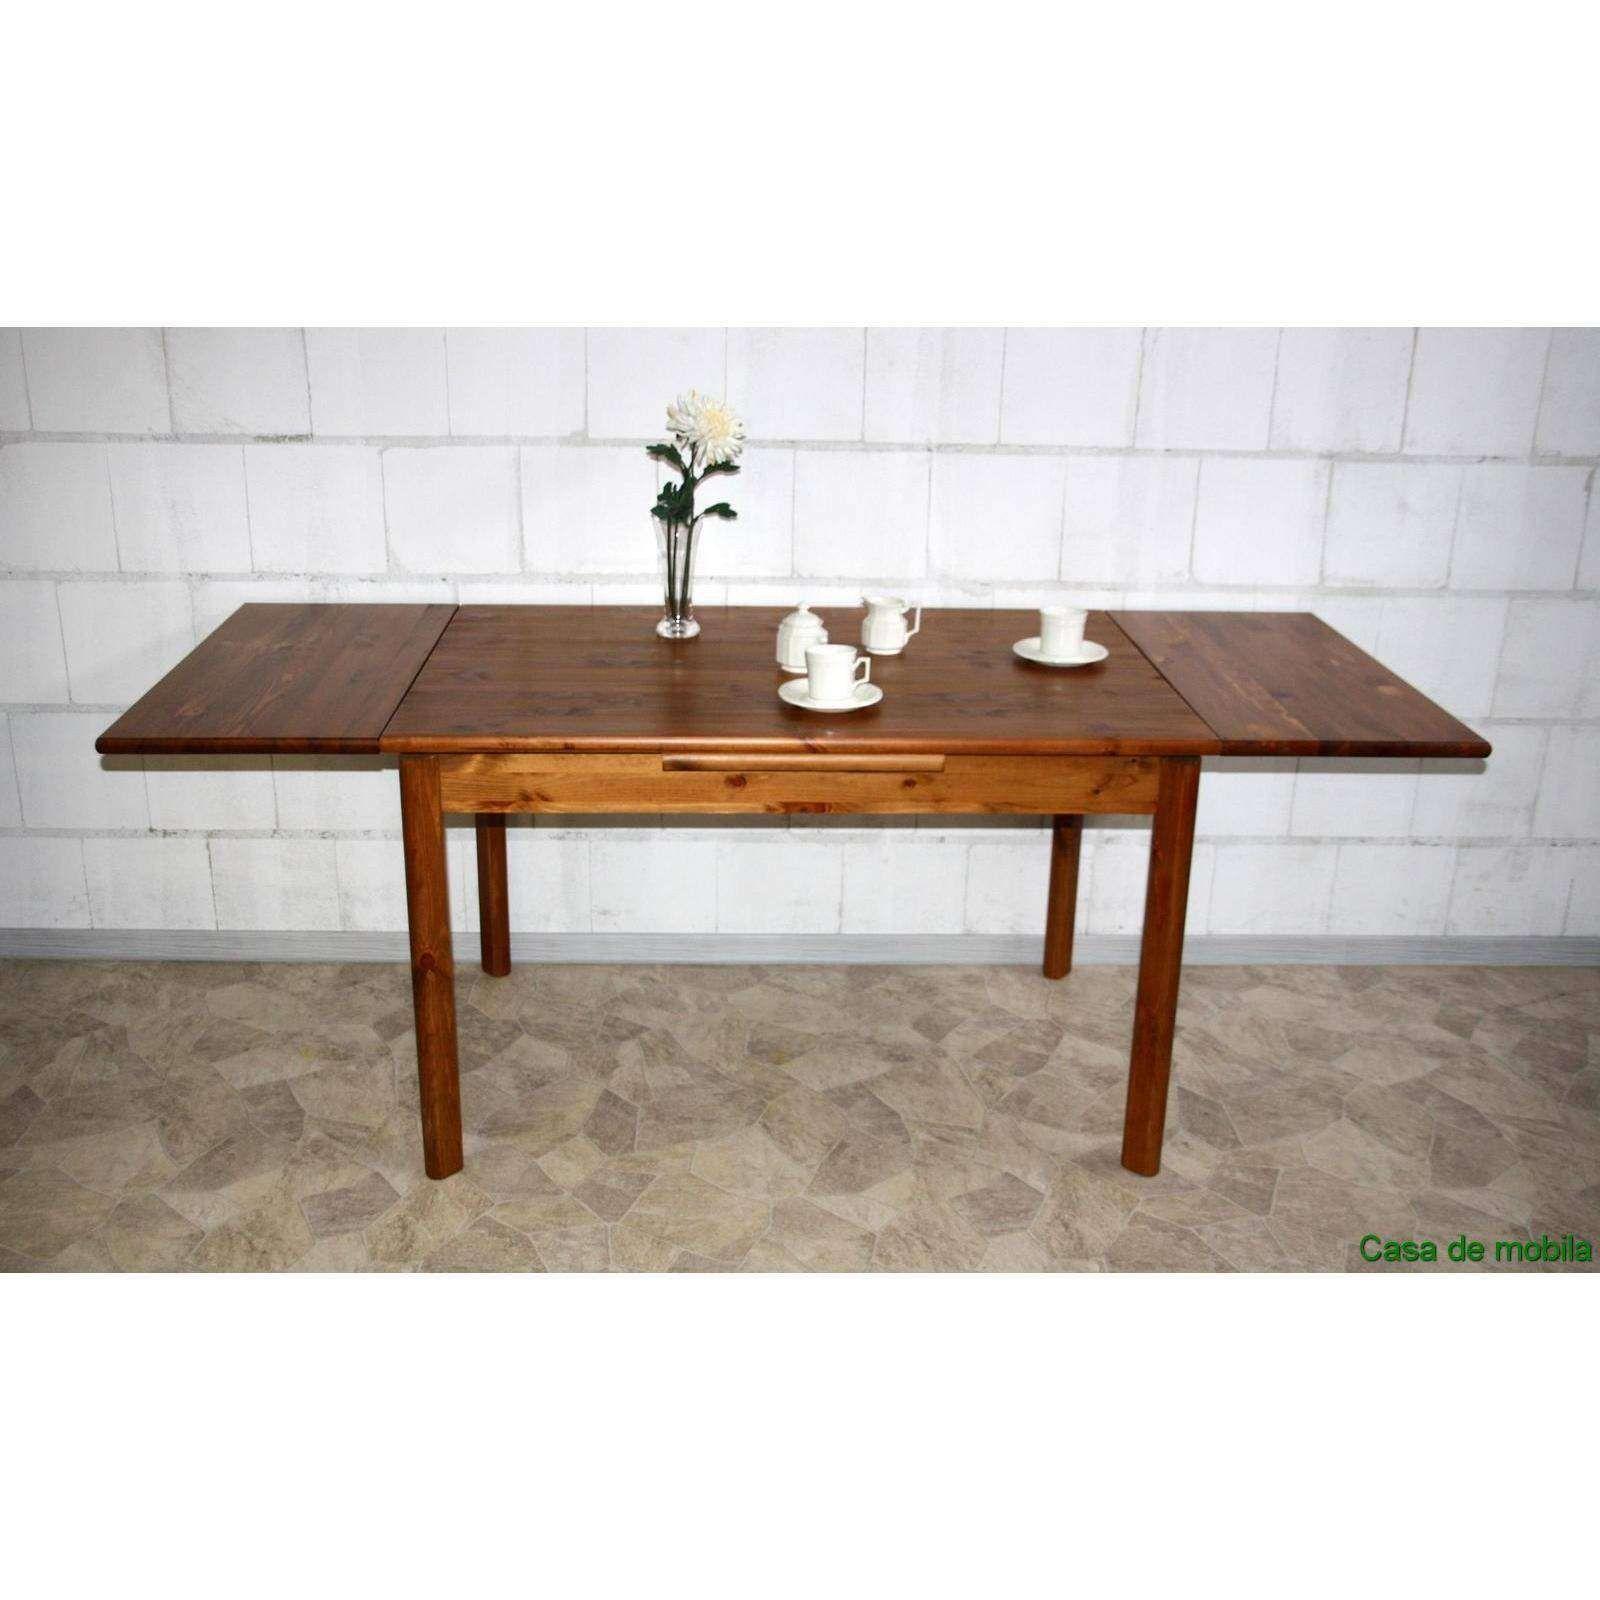 Tisch Weiss 120 X 80 Das Beste Von Esstisch Ausziehbar Massiv Luxus Esstisch 120x80 In 2020 Dining Table Rustic Dining Rustic Dining Table